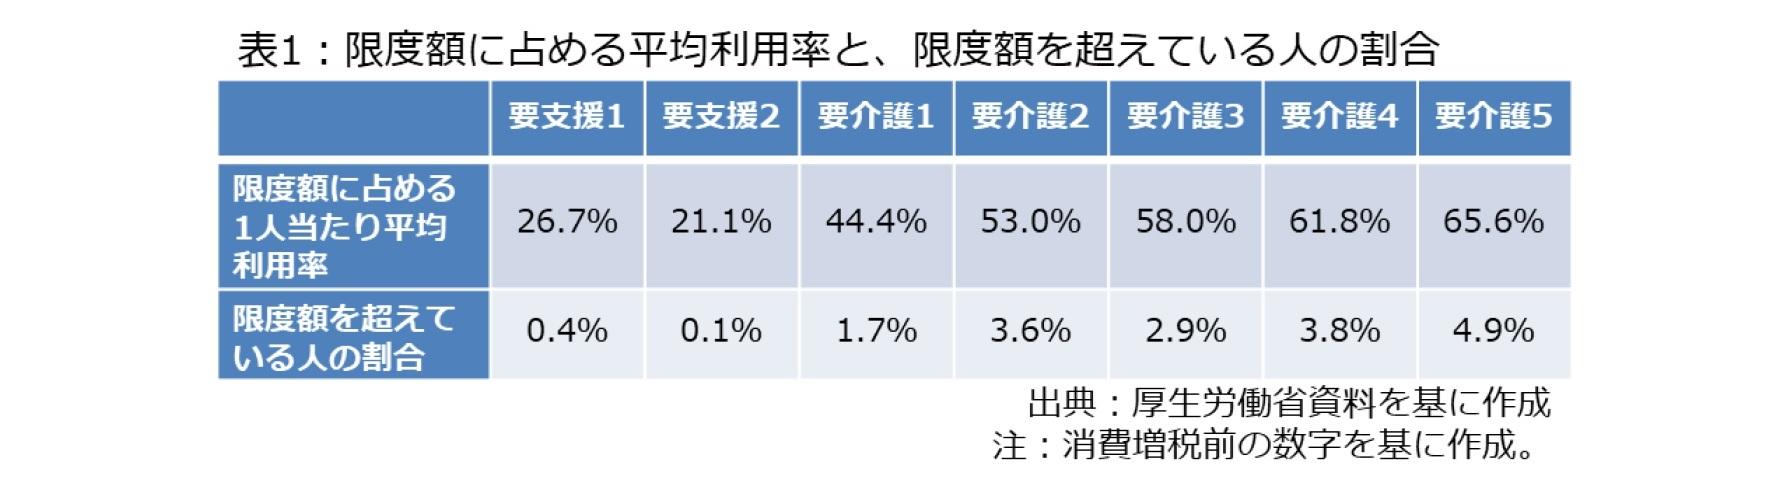 表1:限度額に占める平均利用率と、限度額を超えている人の割合